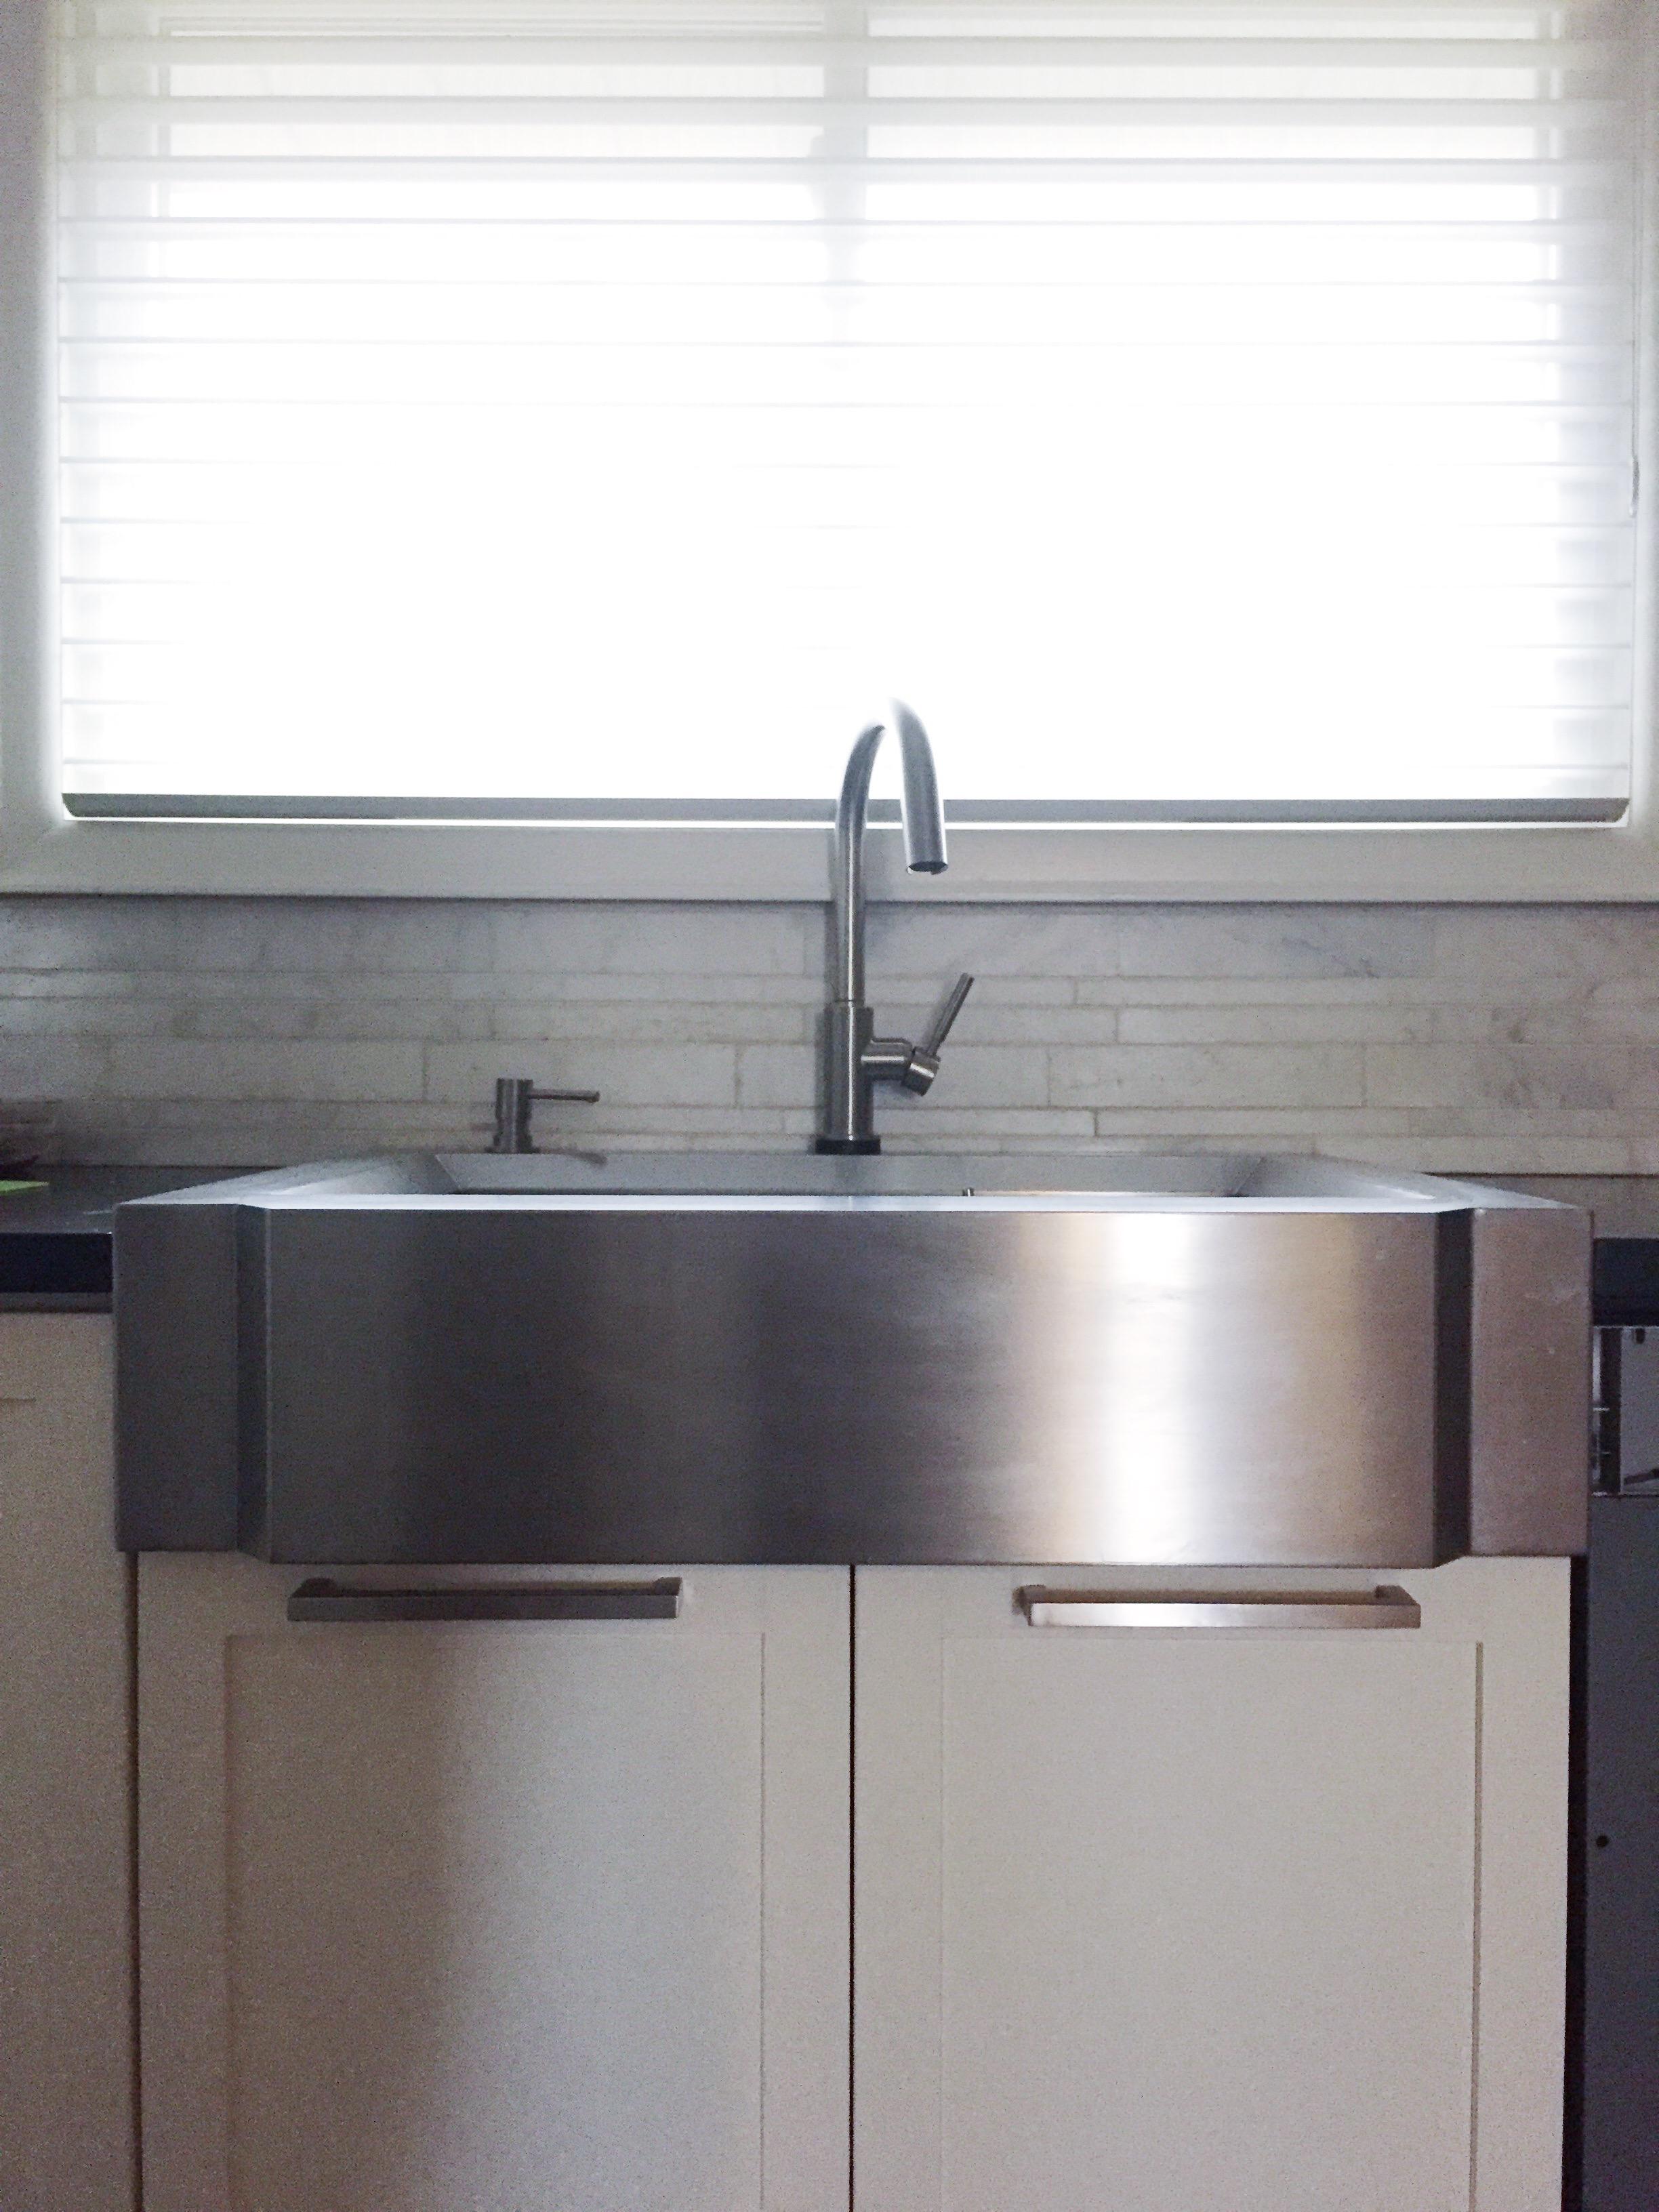 kitchen-sink-brizo-solna